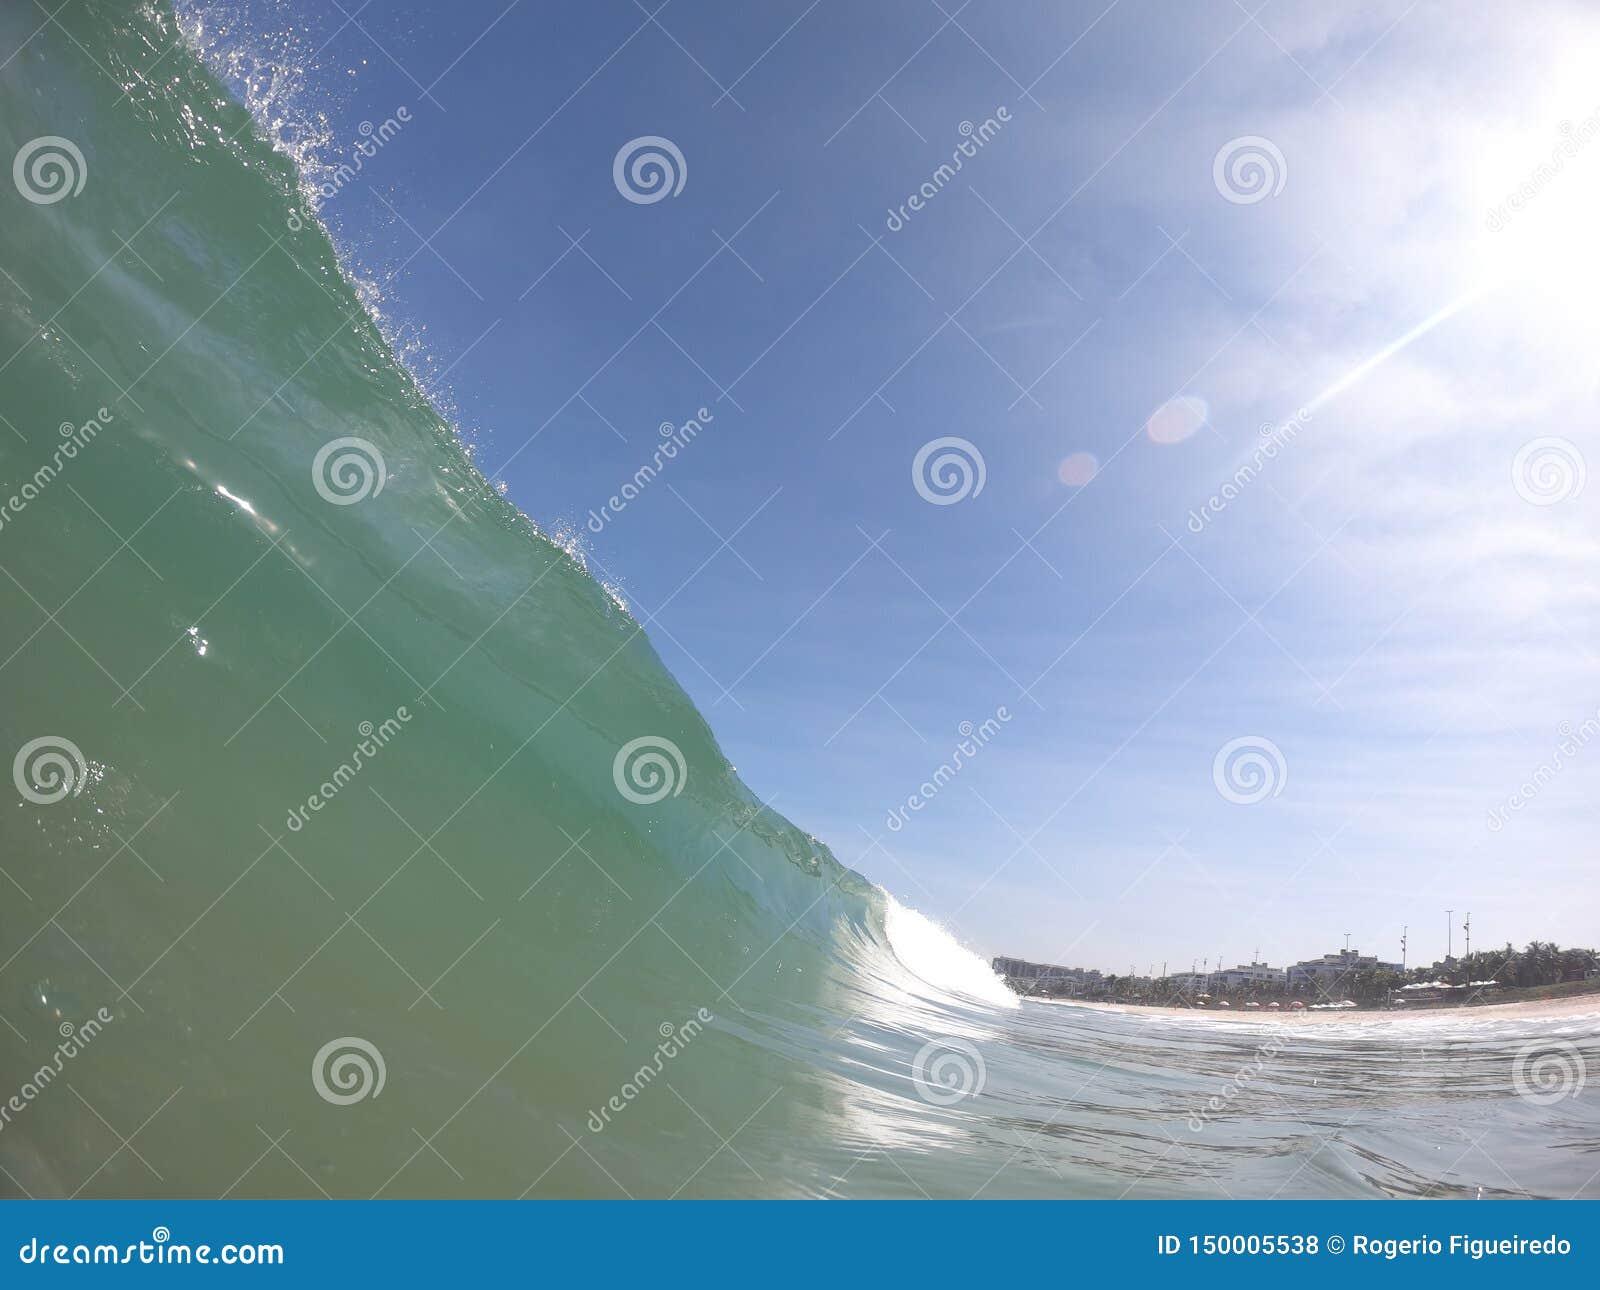 A beatiful wave in a sunny autumn day in Barra da Tijuca beach RJ